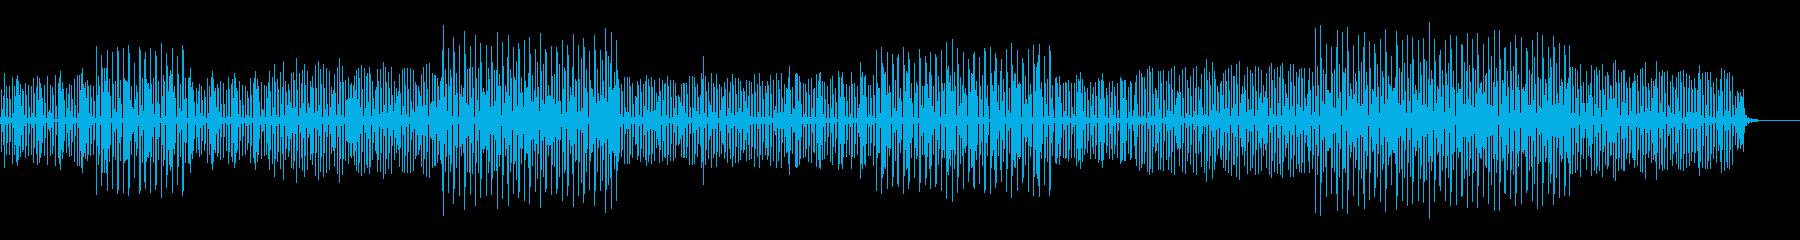 コミカルで可愛さのあるメロディーの再生済みの波形